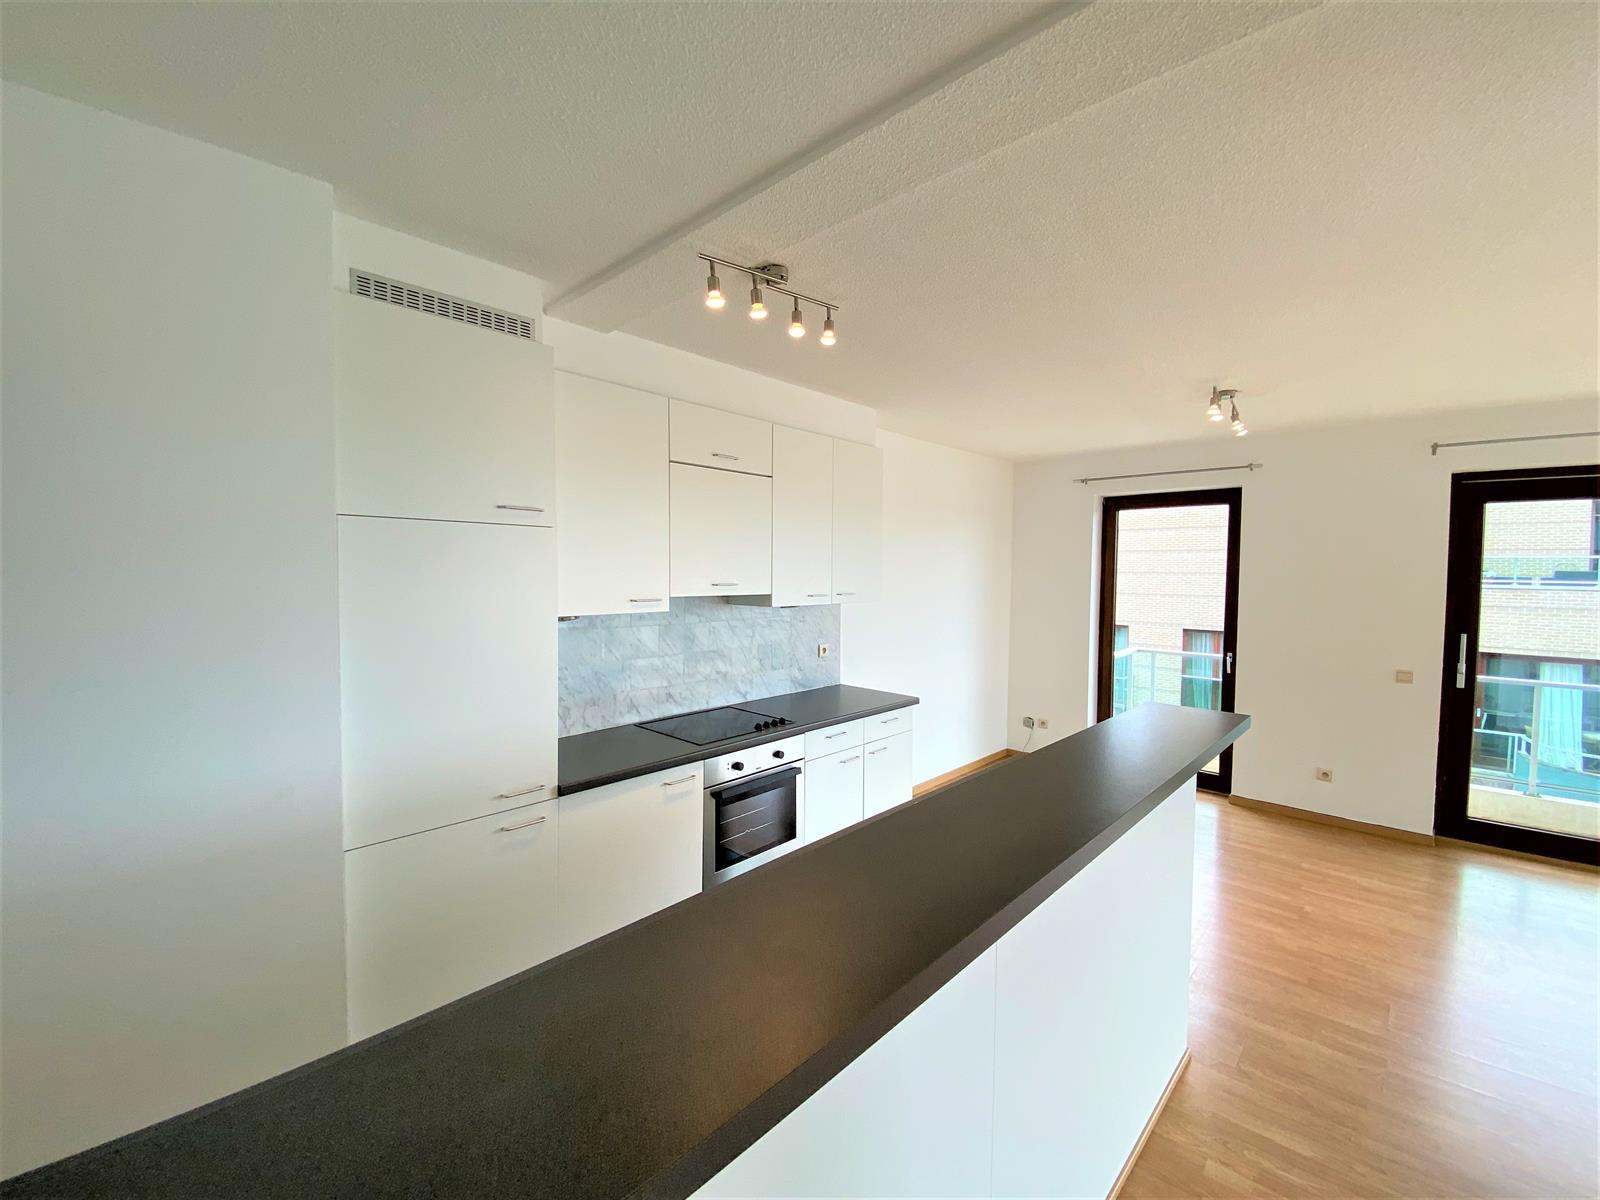 Appartement - Woluwe-Saint-Pierre - #4146297-7